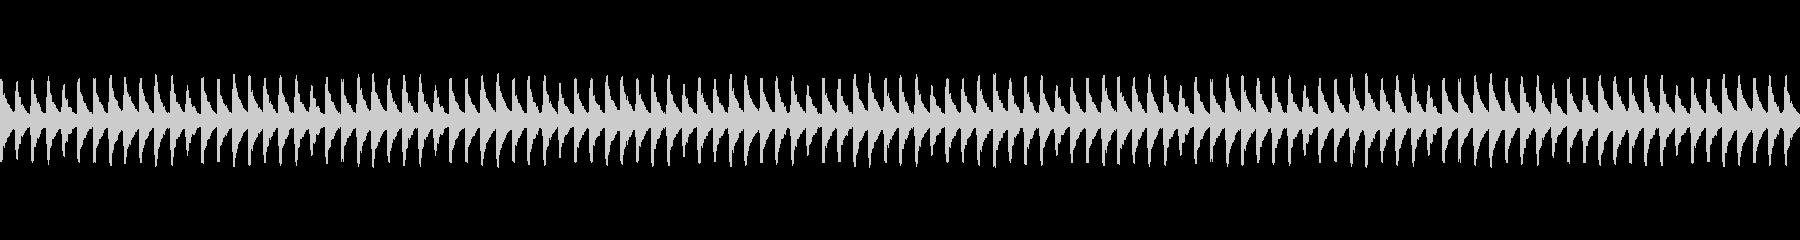 踏切(ふみきり)警告音 電車の未再生の波形